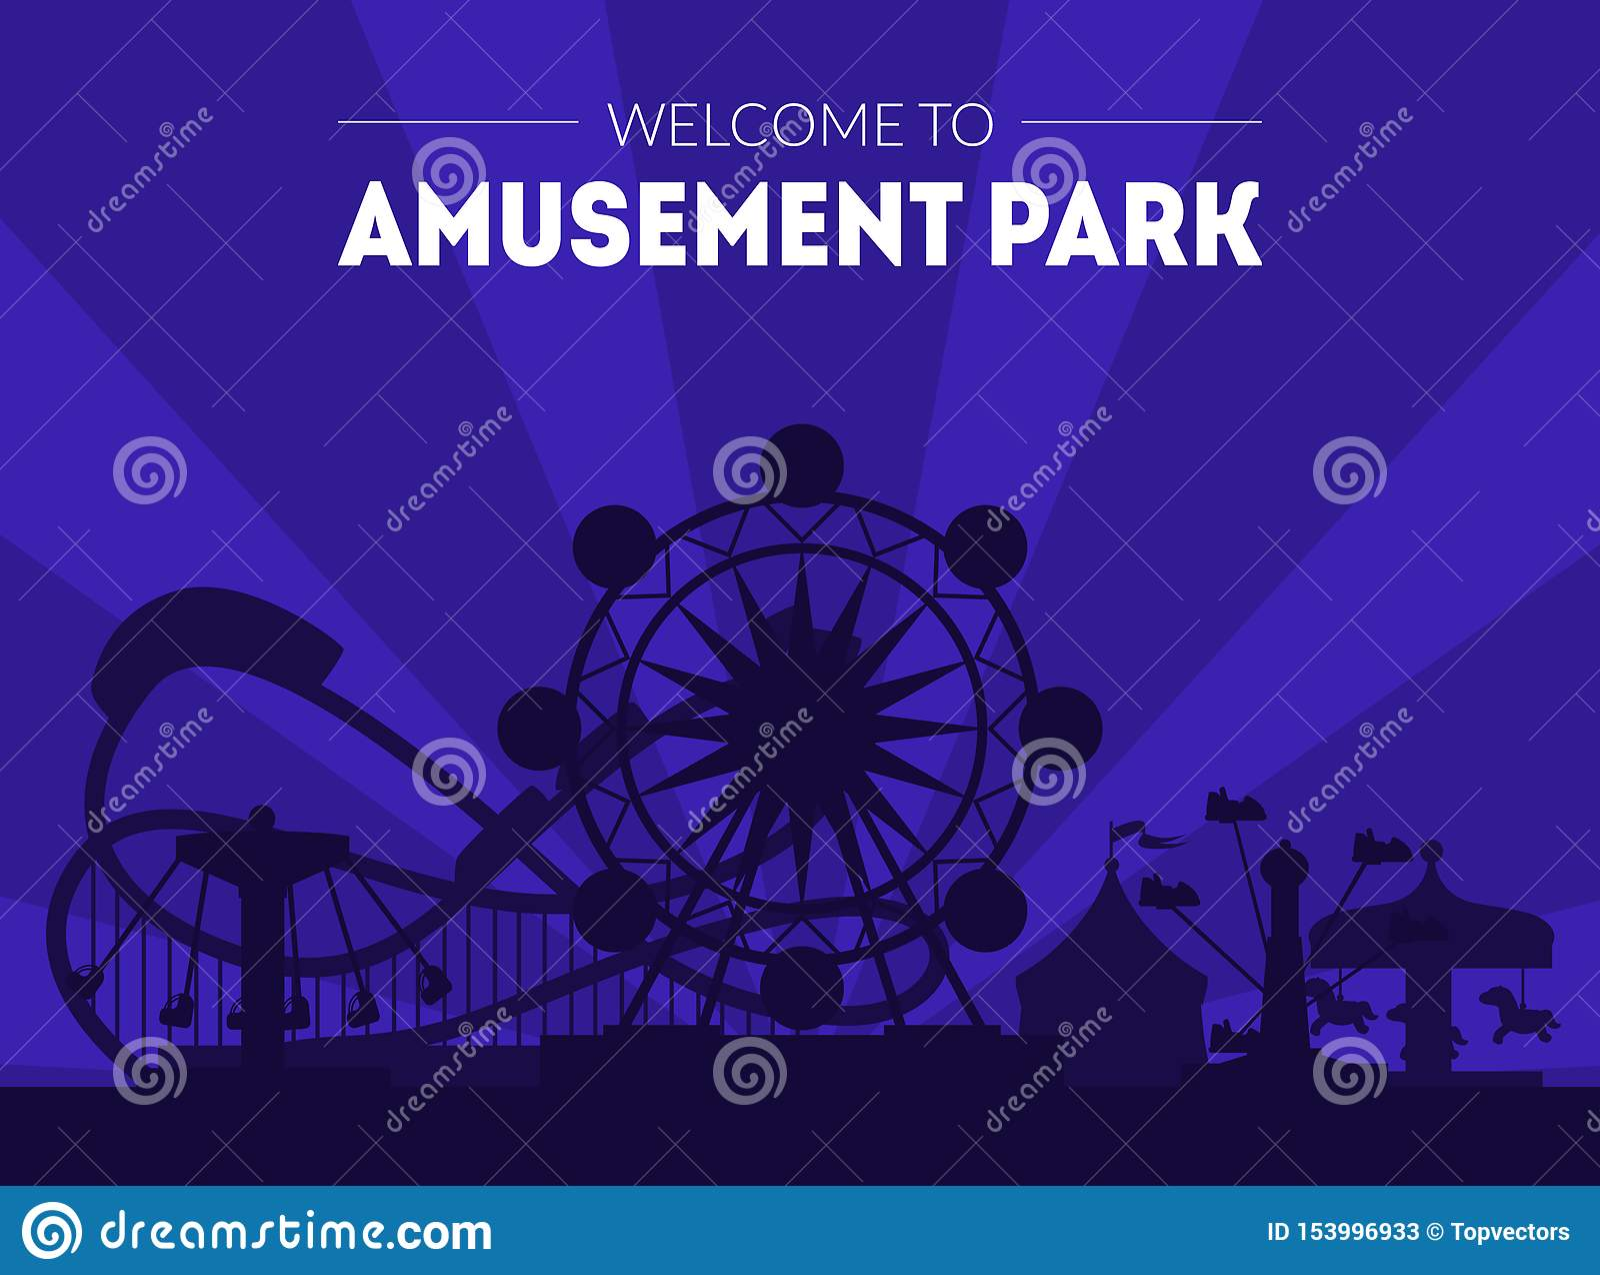 Recepción a la plantilla de la bandera del parque de atracciones, al cartel del Funfair del carnaval de la noche con Ferris Wheel